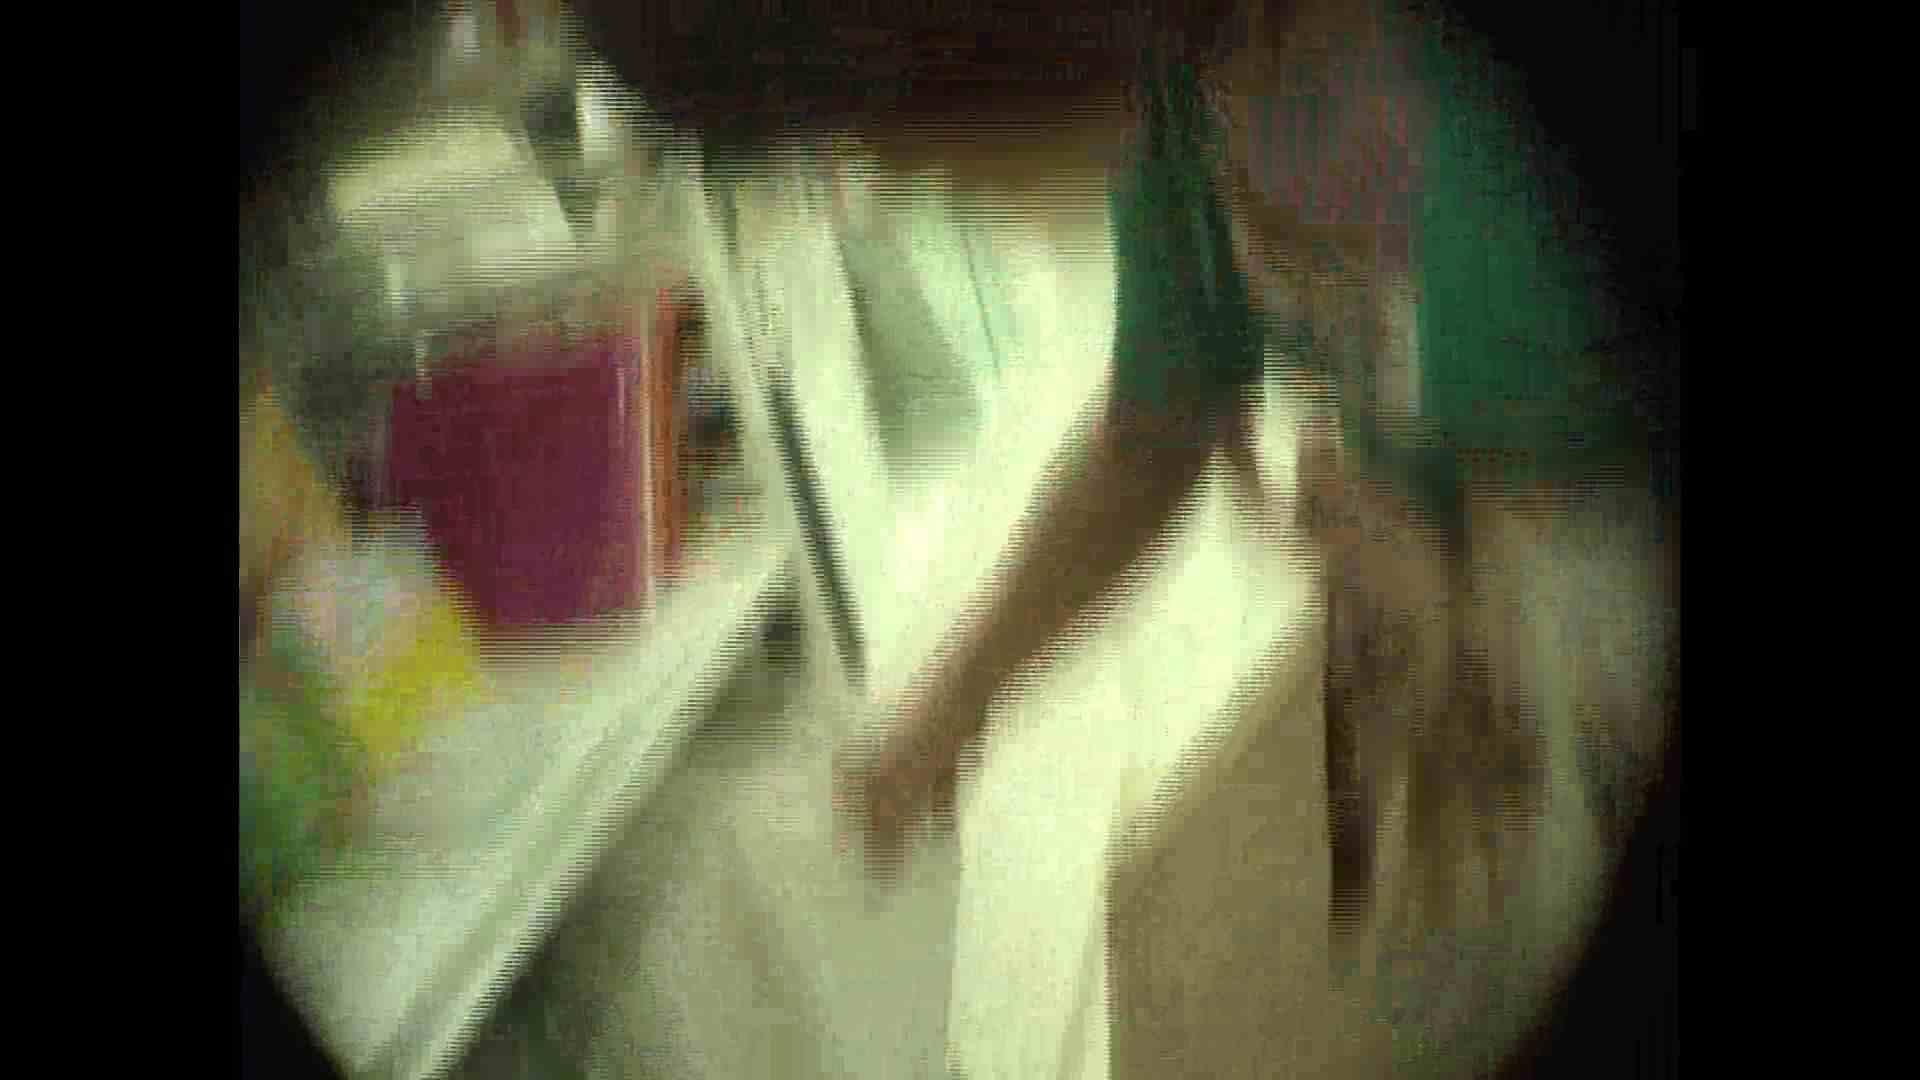 働く美女の谷間参拝 Vol.39 お姉さん 隠し撮りおまんこ動画流出 72PICs 5